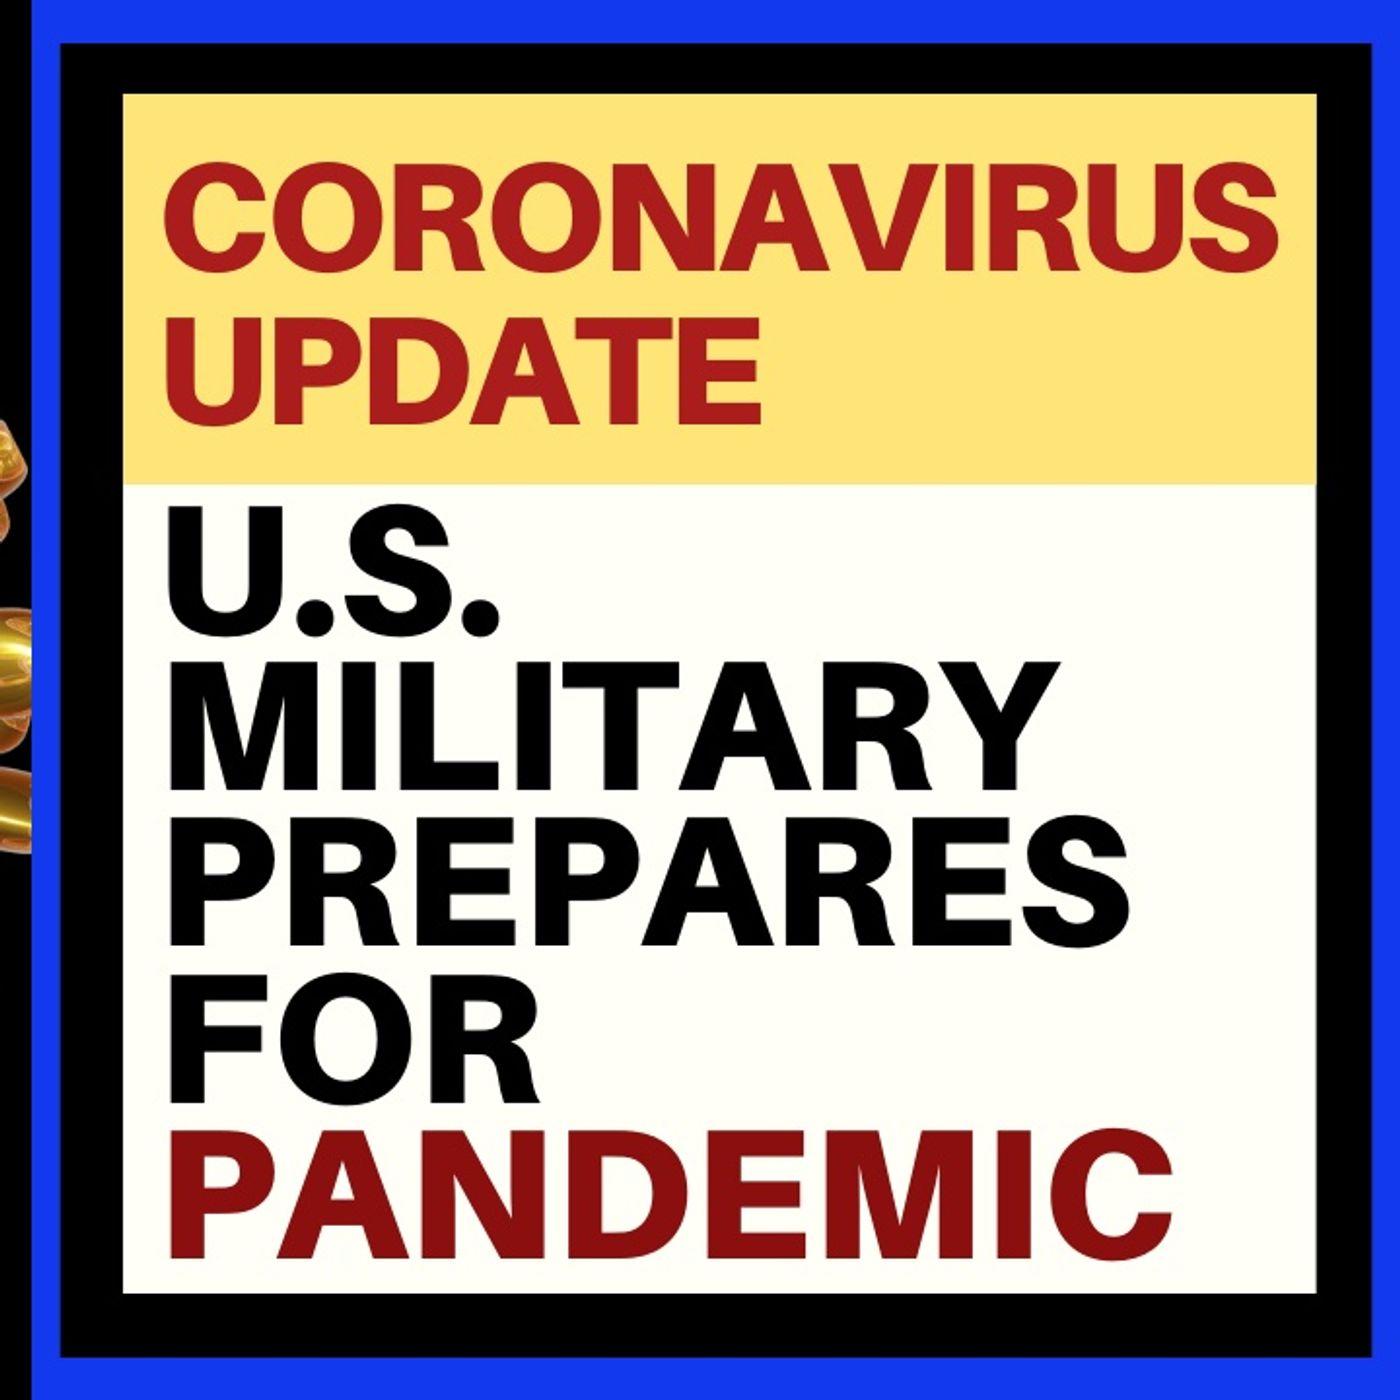 U.S. MILITARY CORONAVIRUS PREP AND GENERAL UPDATE